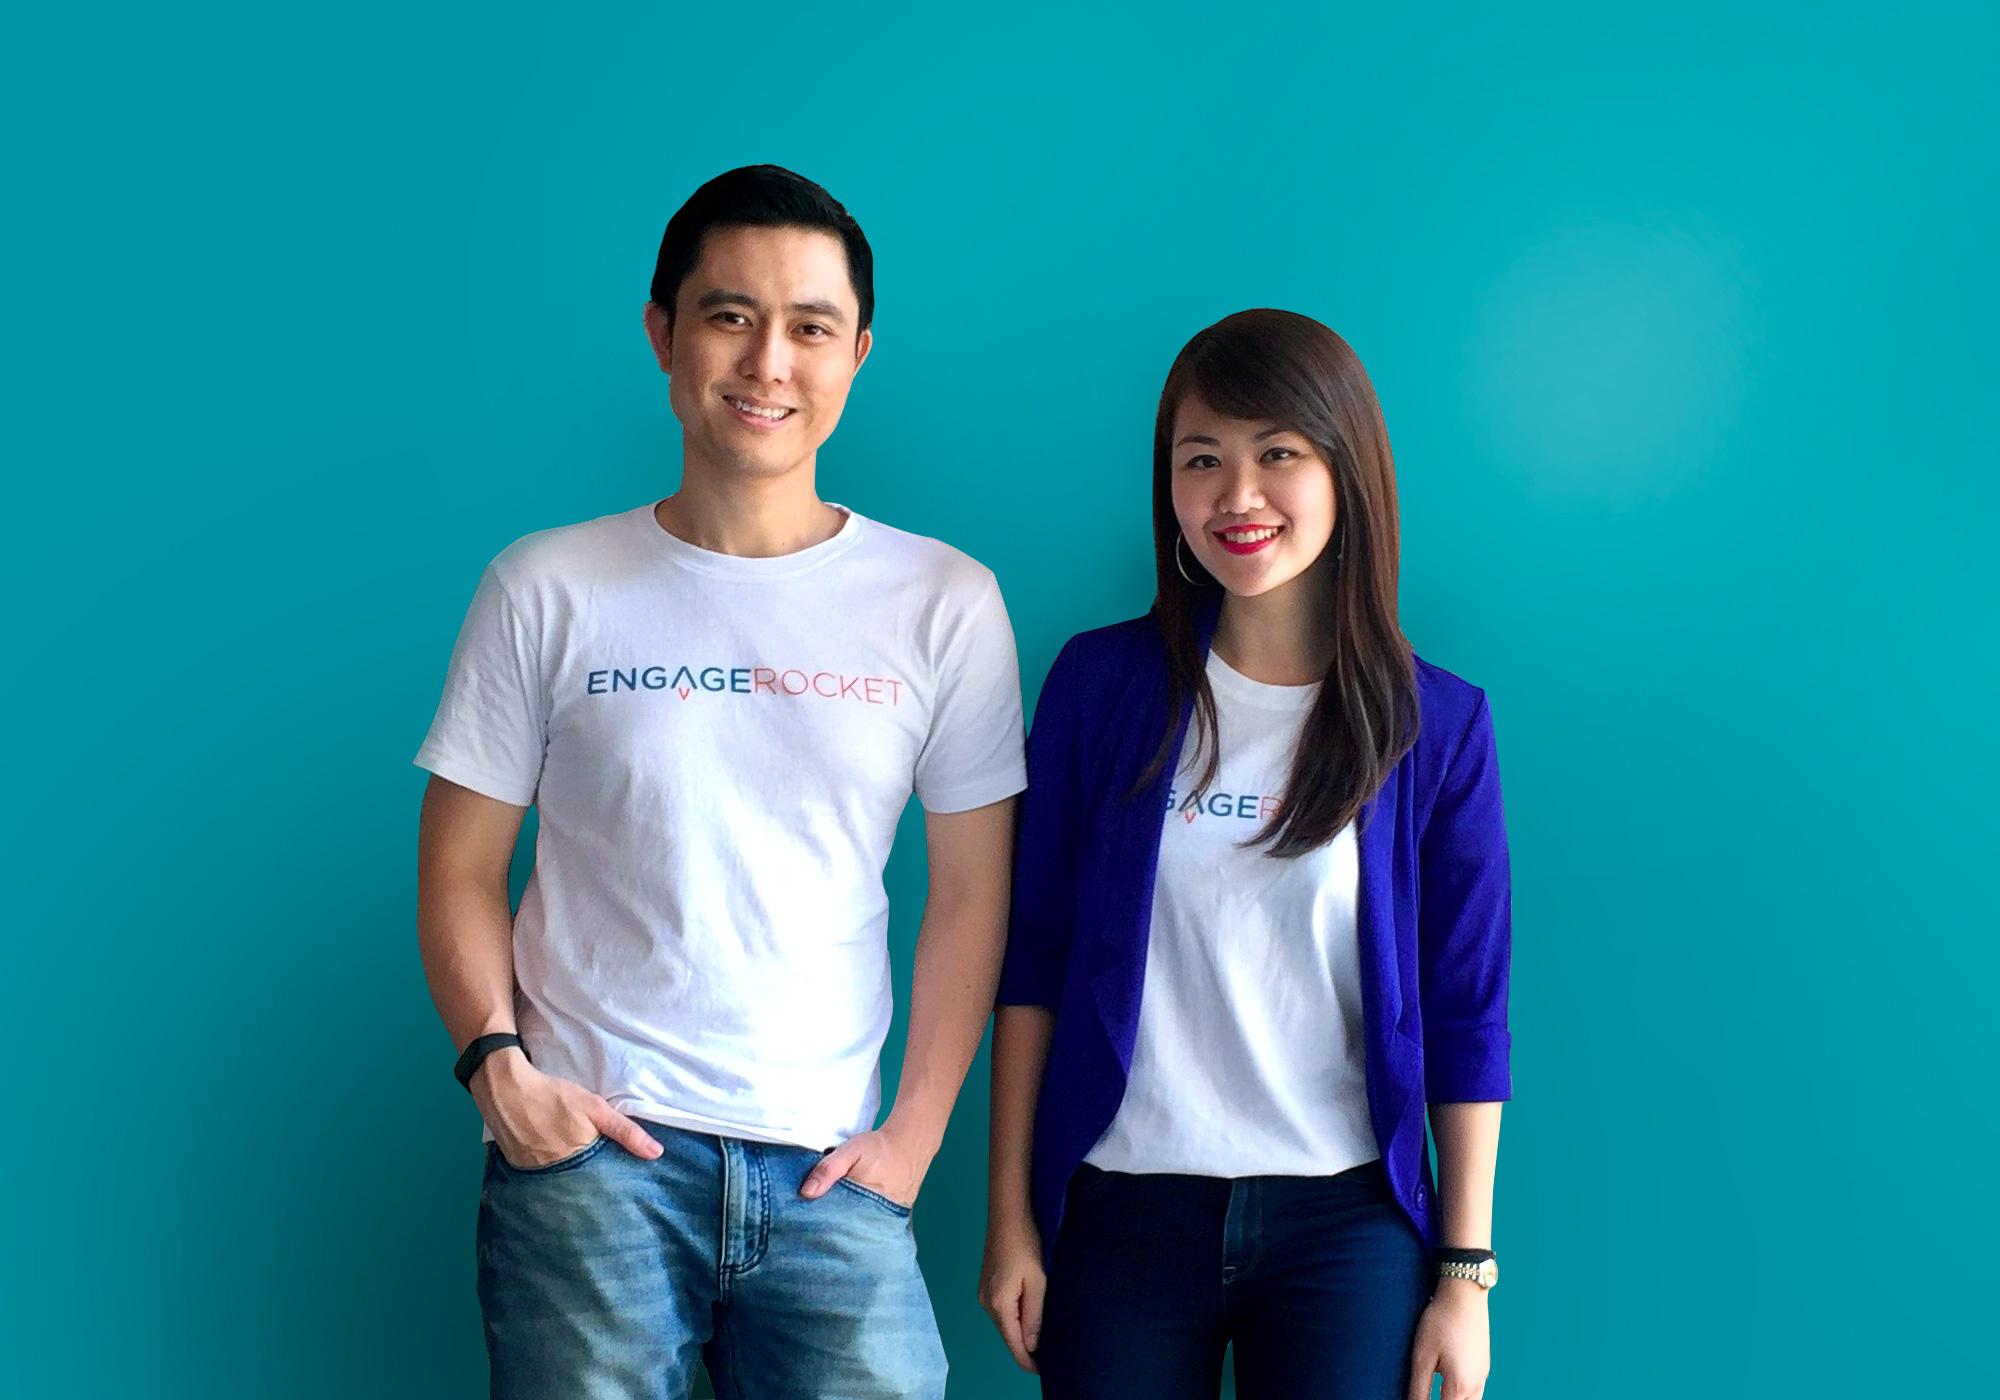 engagerocket cofounders